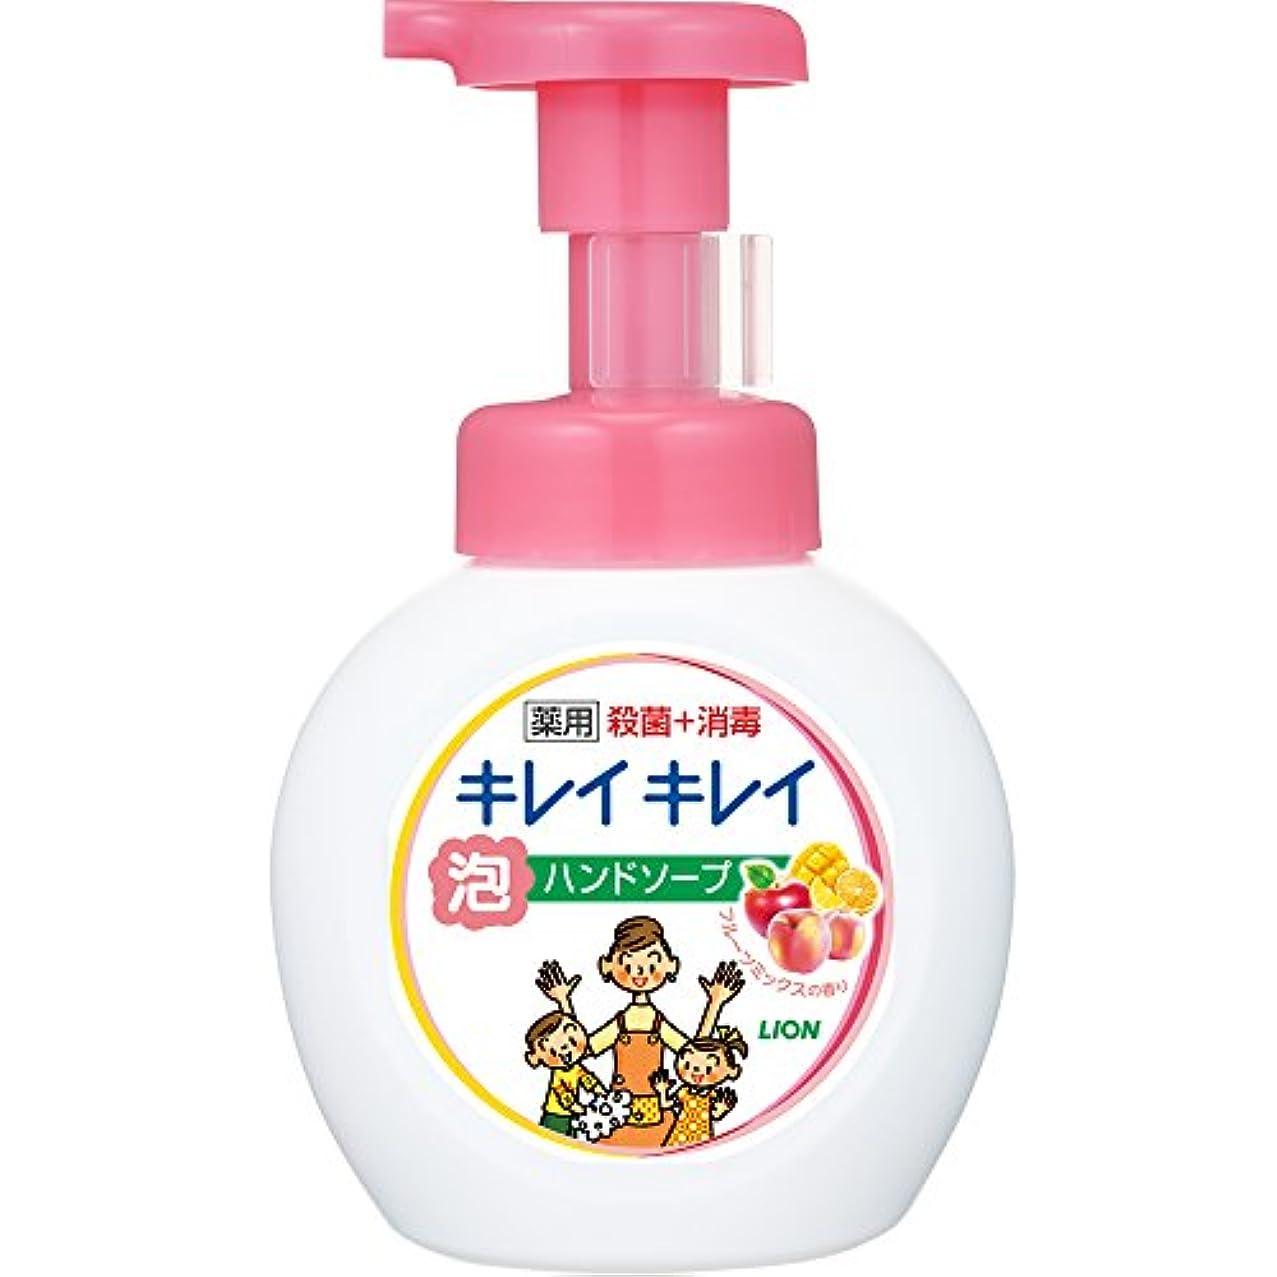 ミトンディンカルビルピクニックキレイキレイ 薬用 泡ハンドソープ フルーツミックスの香り ポンプ 250ml(医薬部外品)